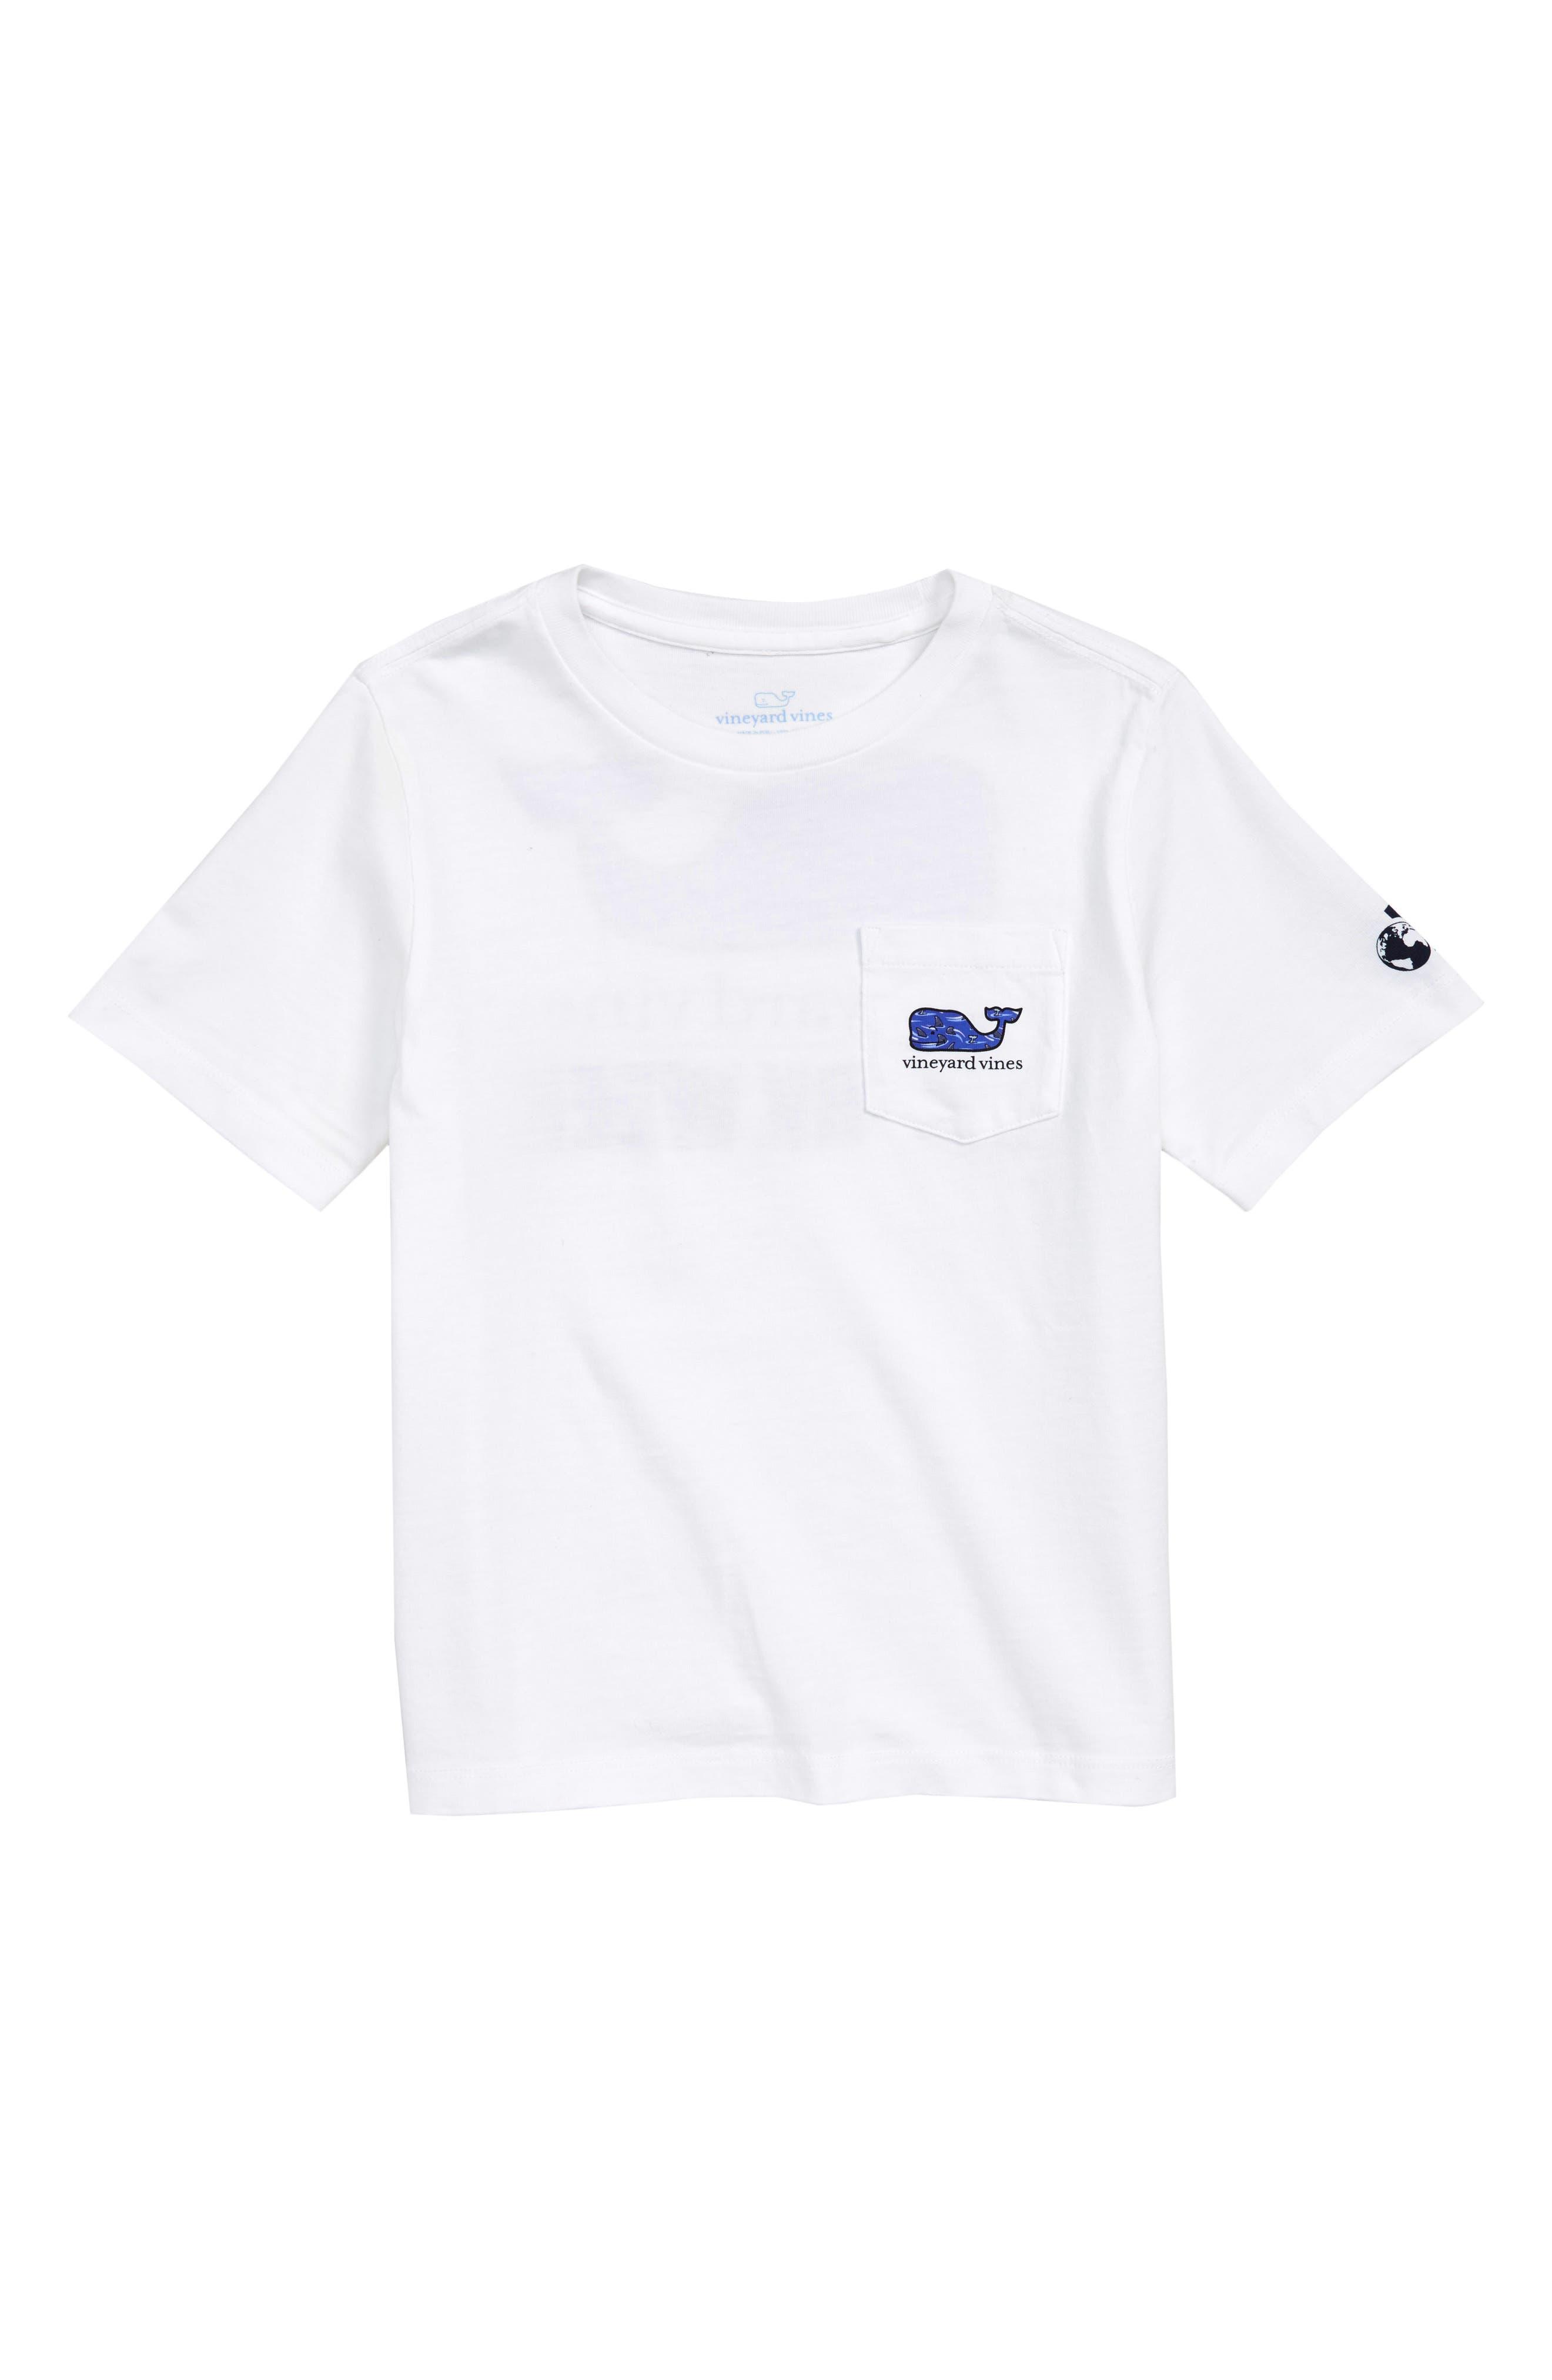 x Shark Week<sup>™</sup> Circling Sharks Pocket T-Shirt,                         Main,                         color, 100